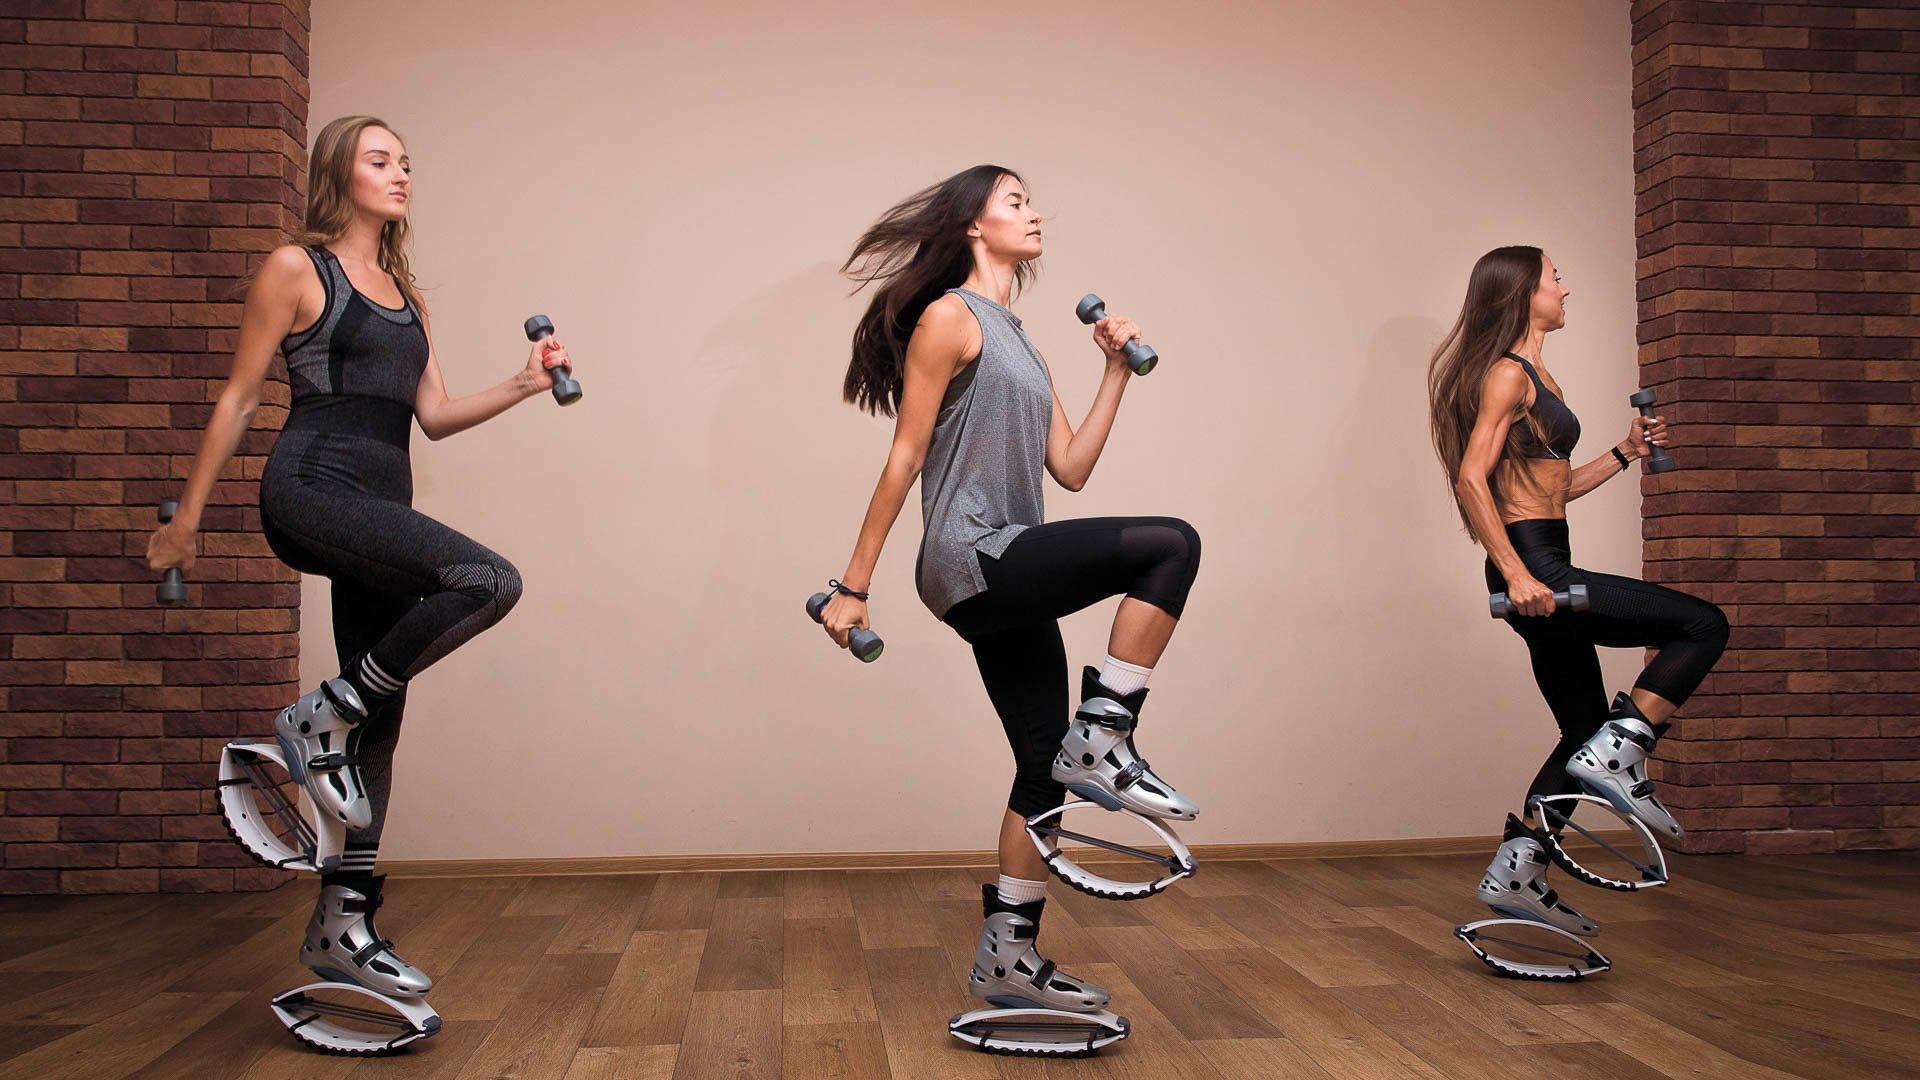 Кенгу джампс для похудения и поддержания формы, преимущества, перечень программ